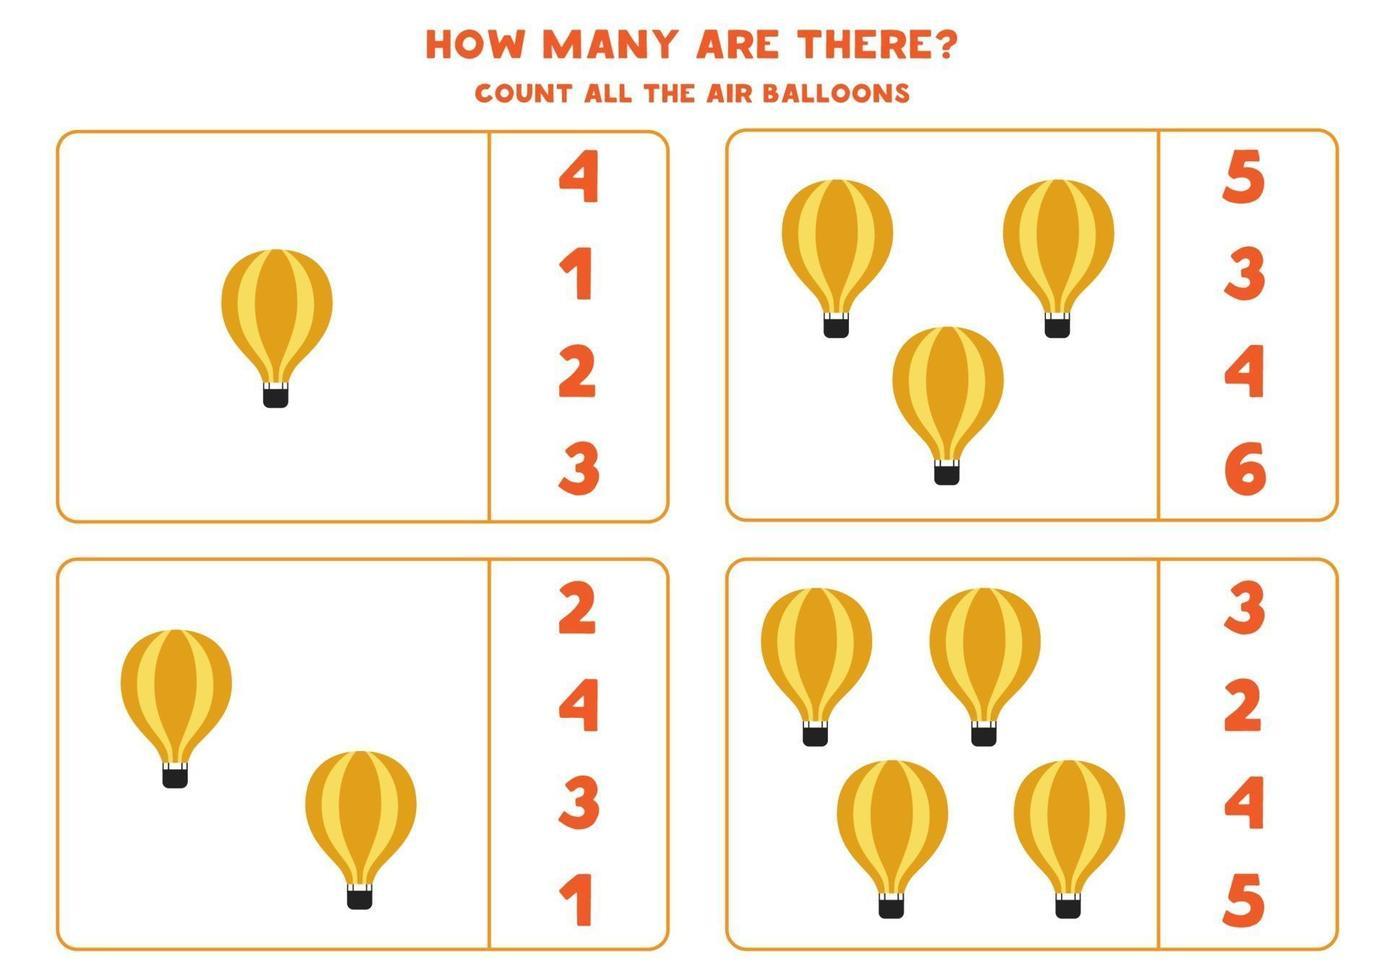 matematikspel. räkna alla luftballonger. spel med transporttema. vektor